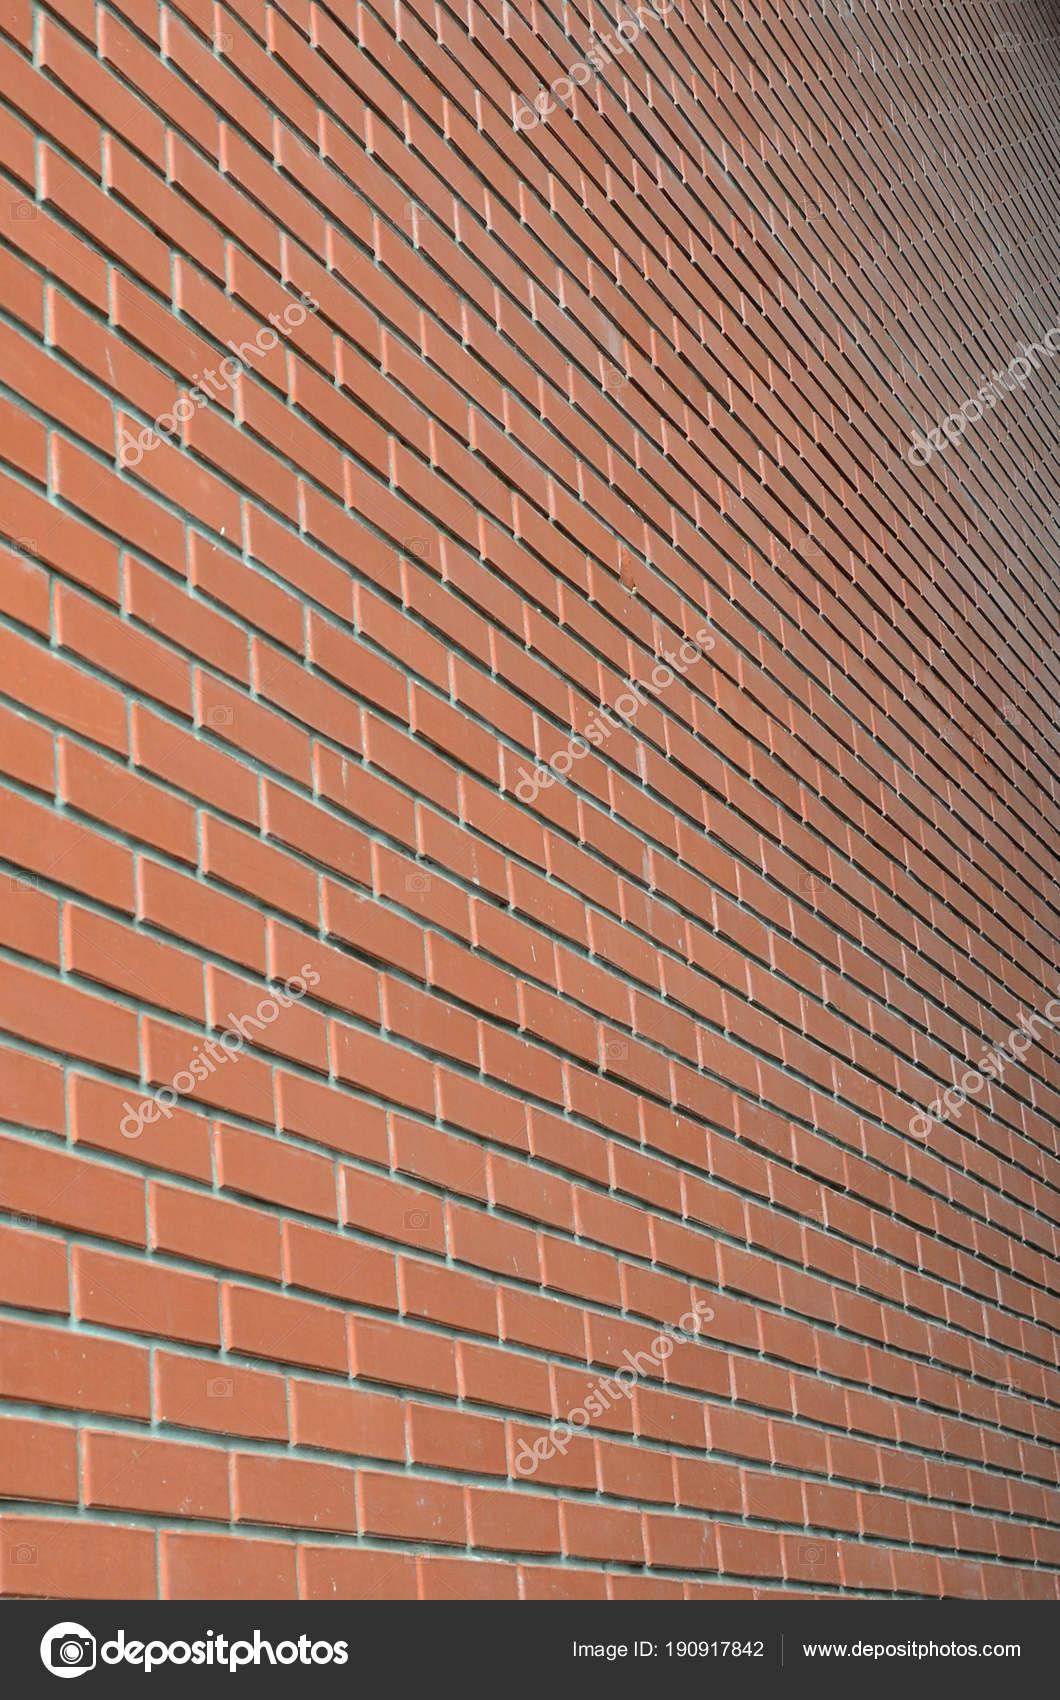 Gut bekannt Die Textur Der Eine Hohe Mauer Aus Vielen Zeilen Aus — Stockfoto KM83